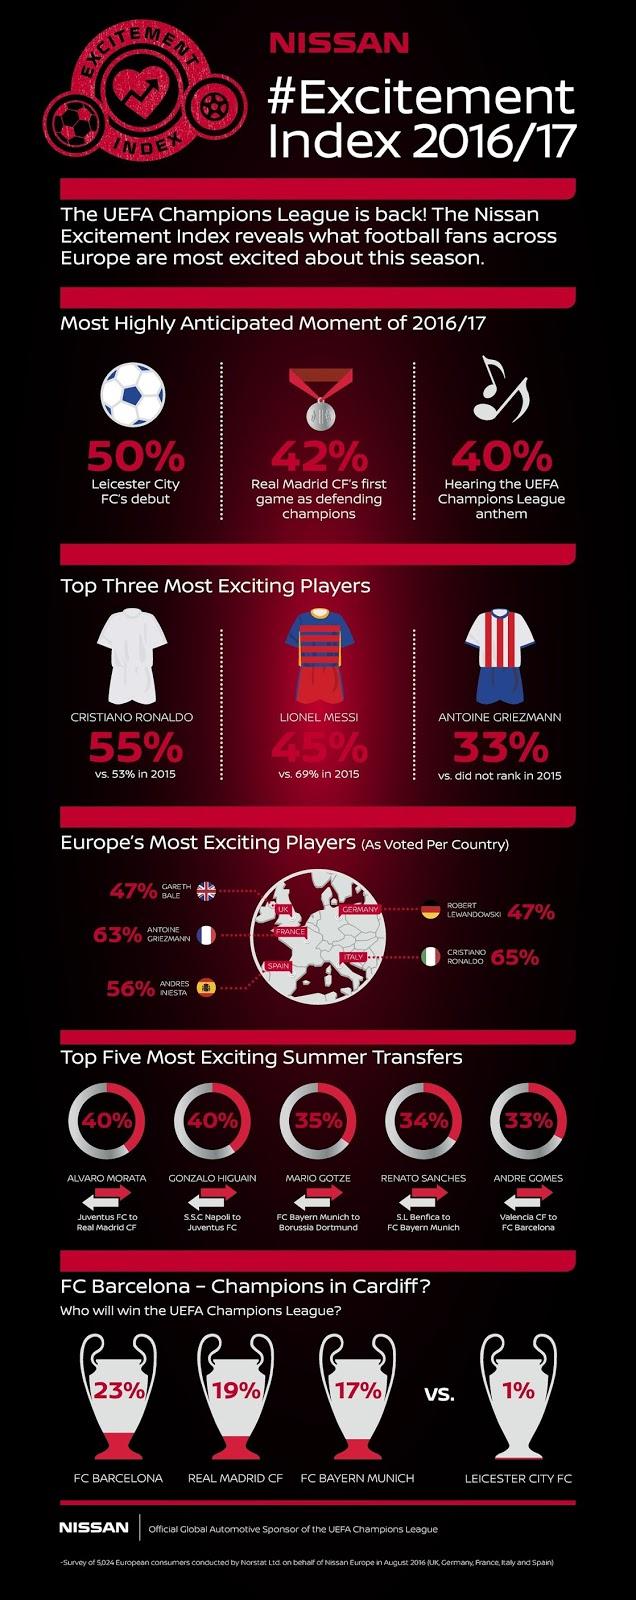 Η Nissan καταγράφει τον ενθουσιασμό των οπαδών του UEFA Champions League και μας καταπλήσσει